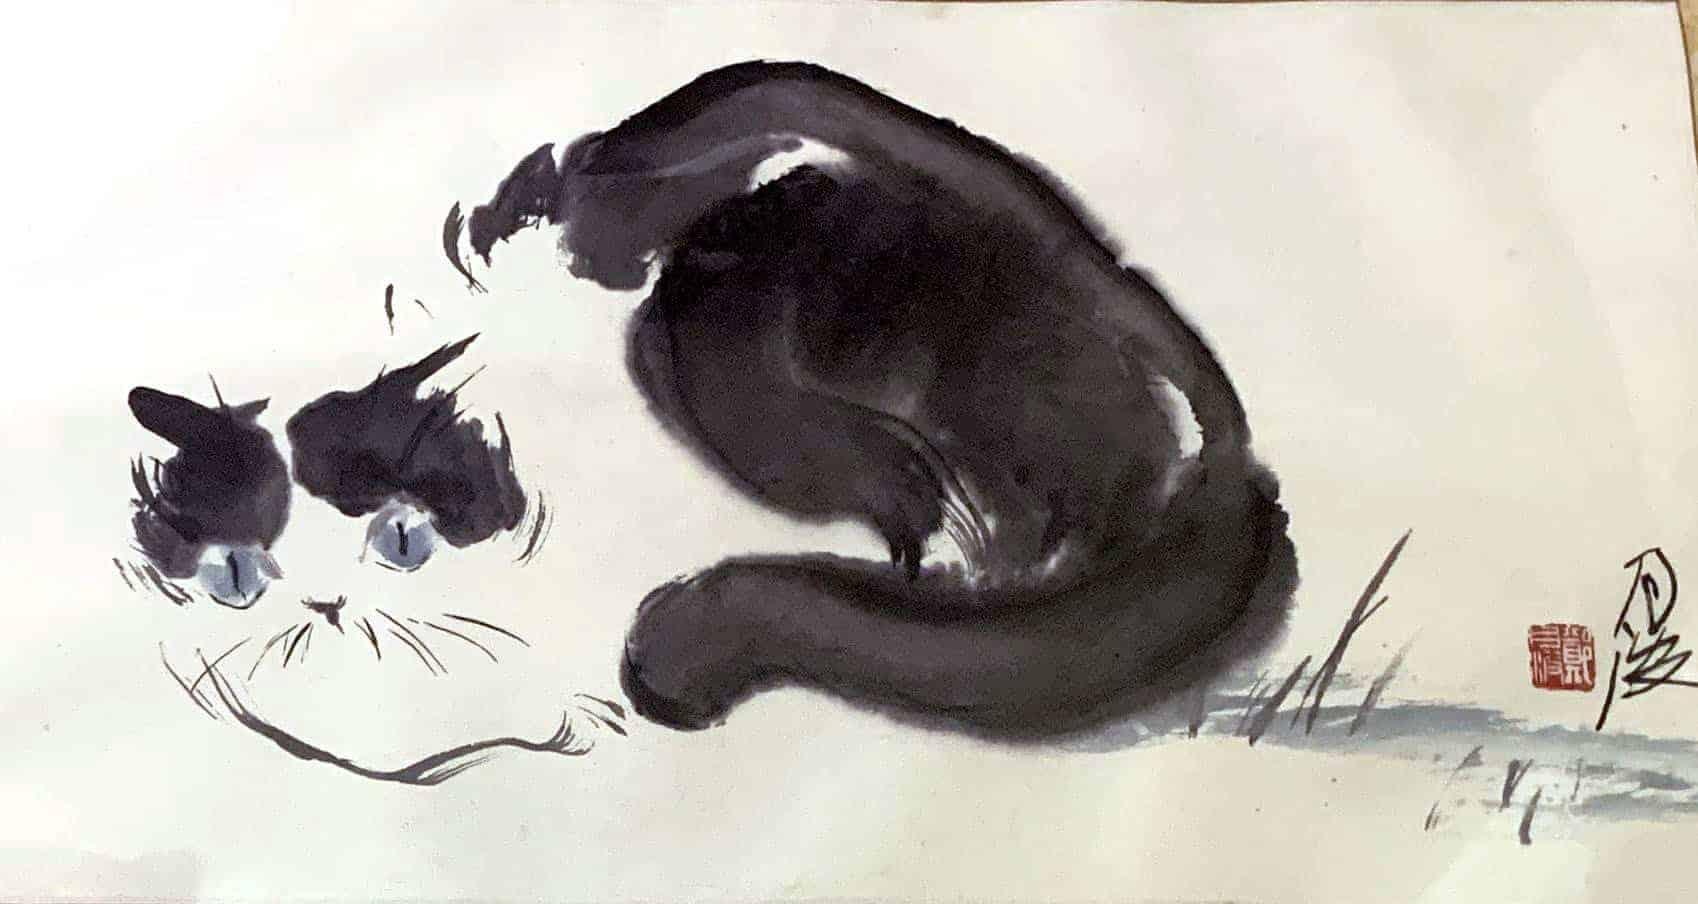 貓王鄭月波所畫的貓 具有靈動之氣